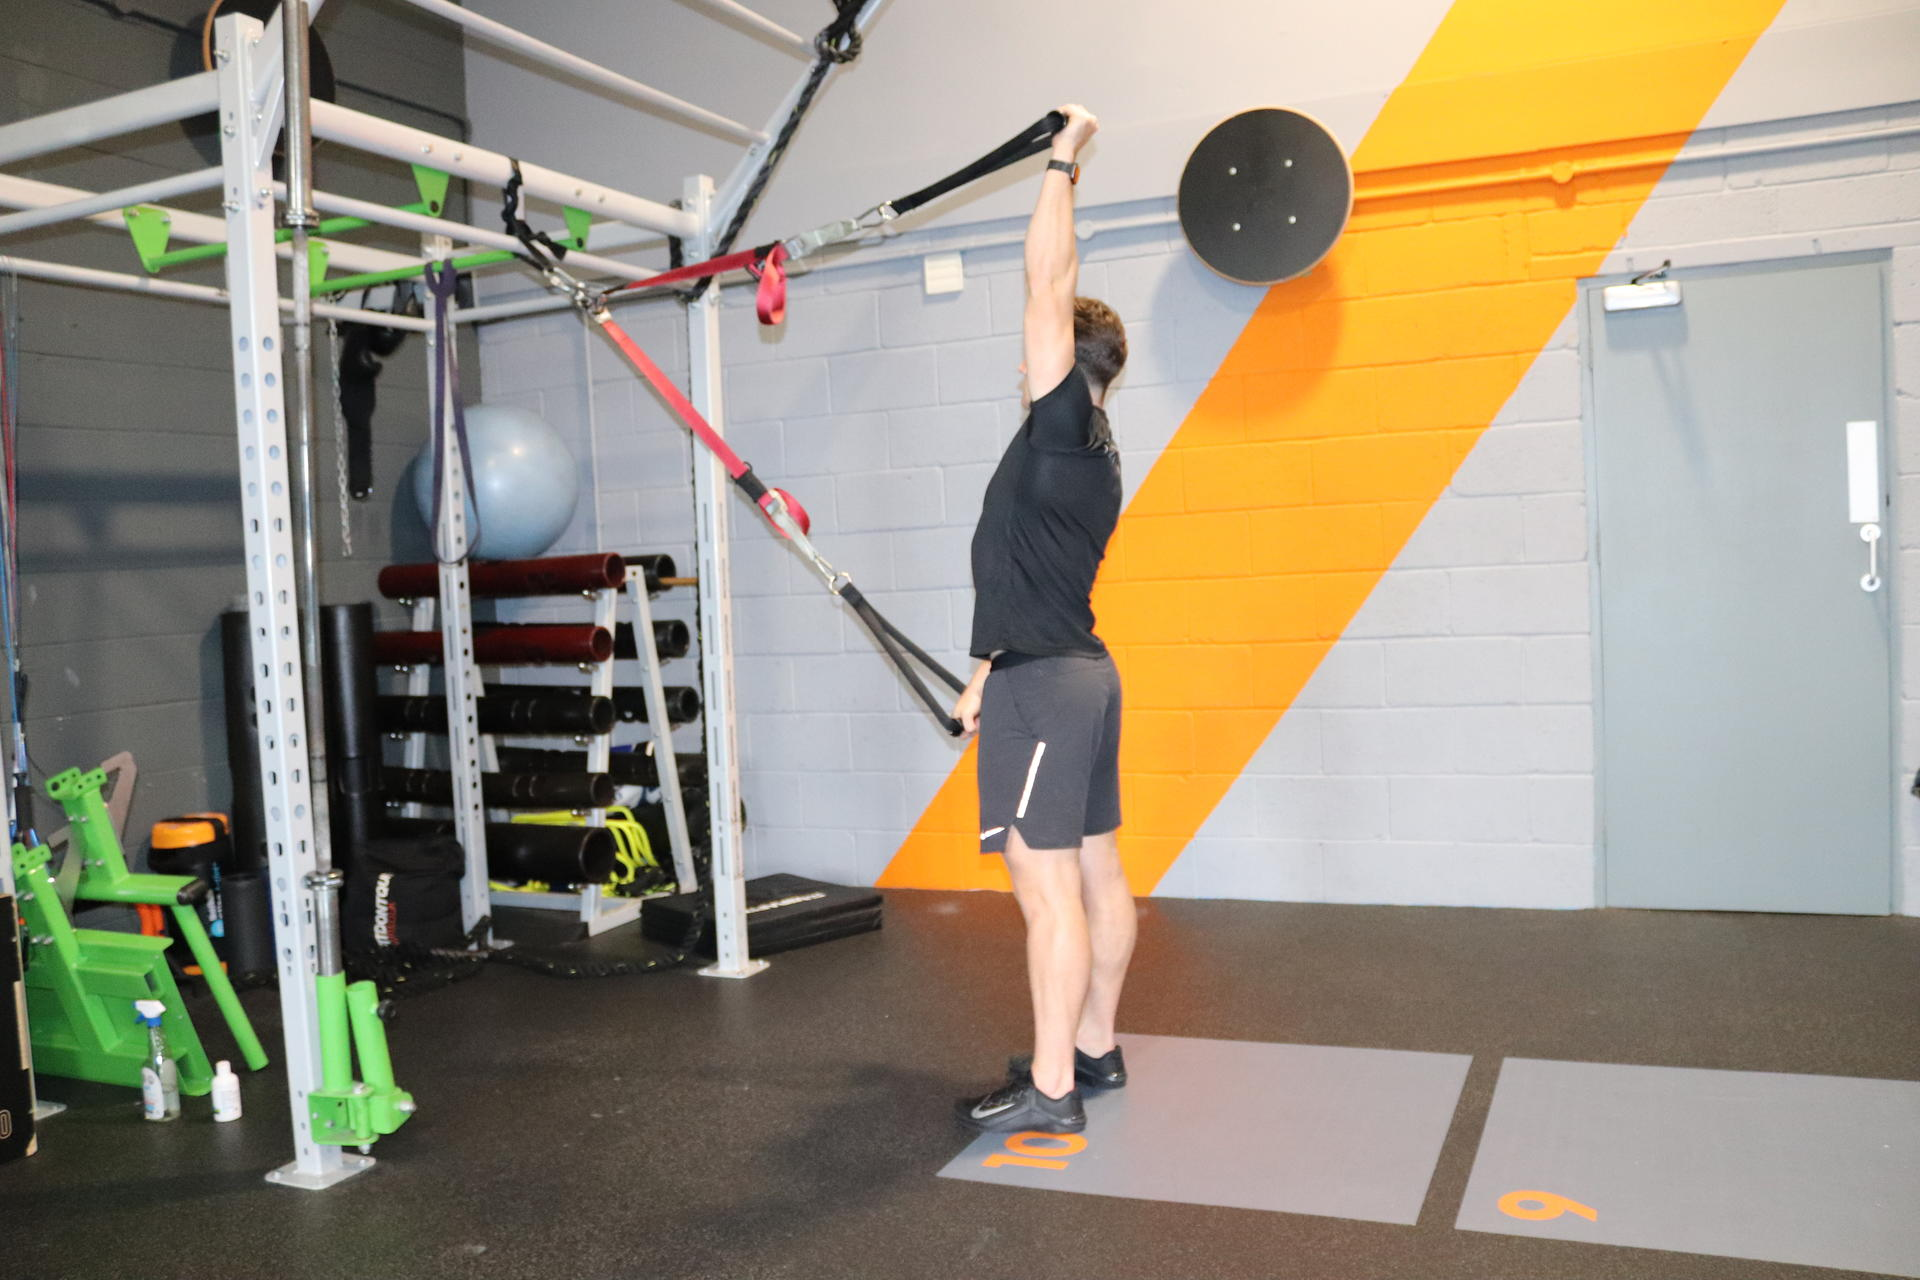 trx trainer exercises